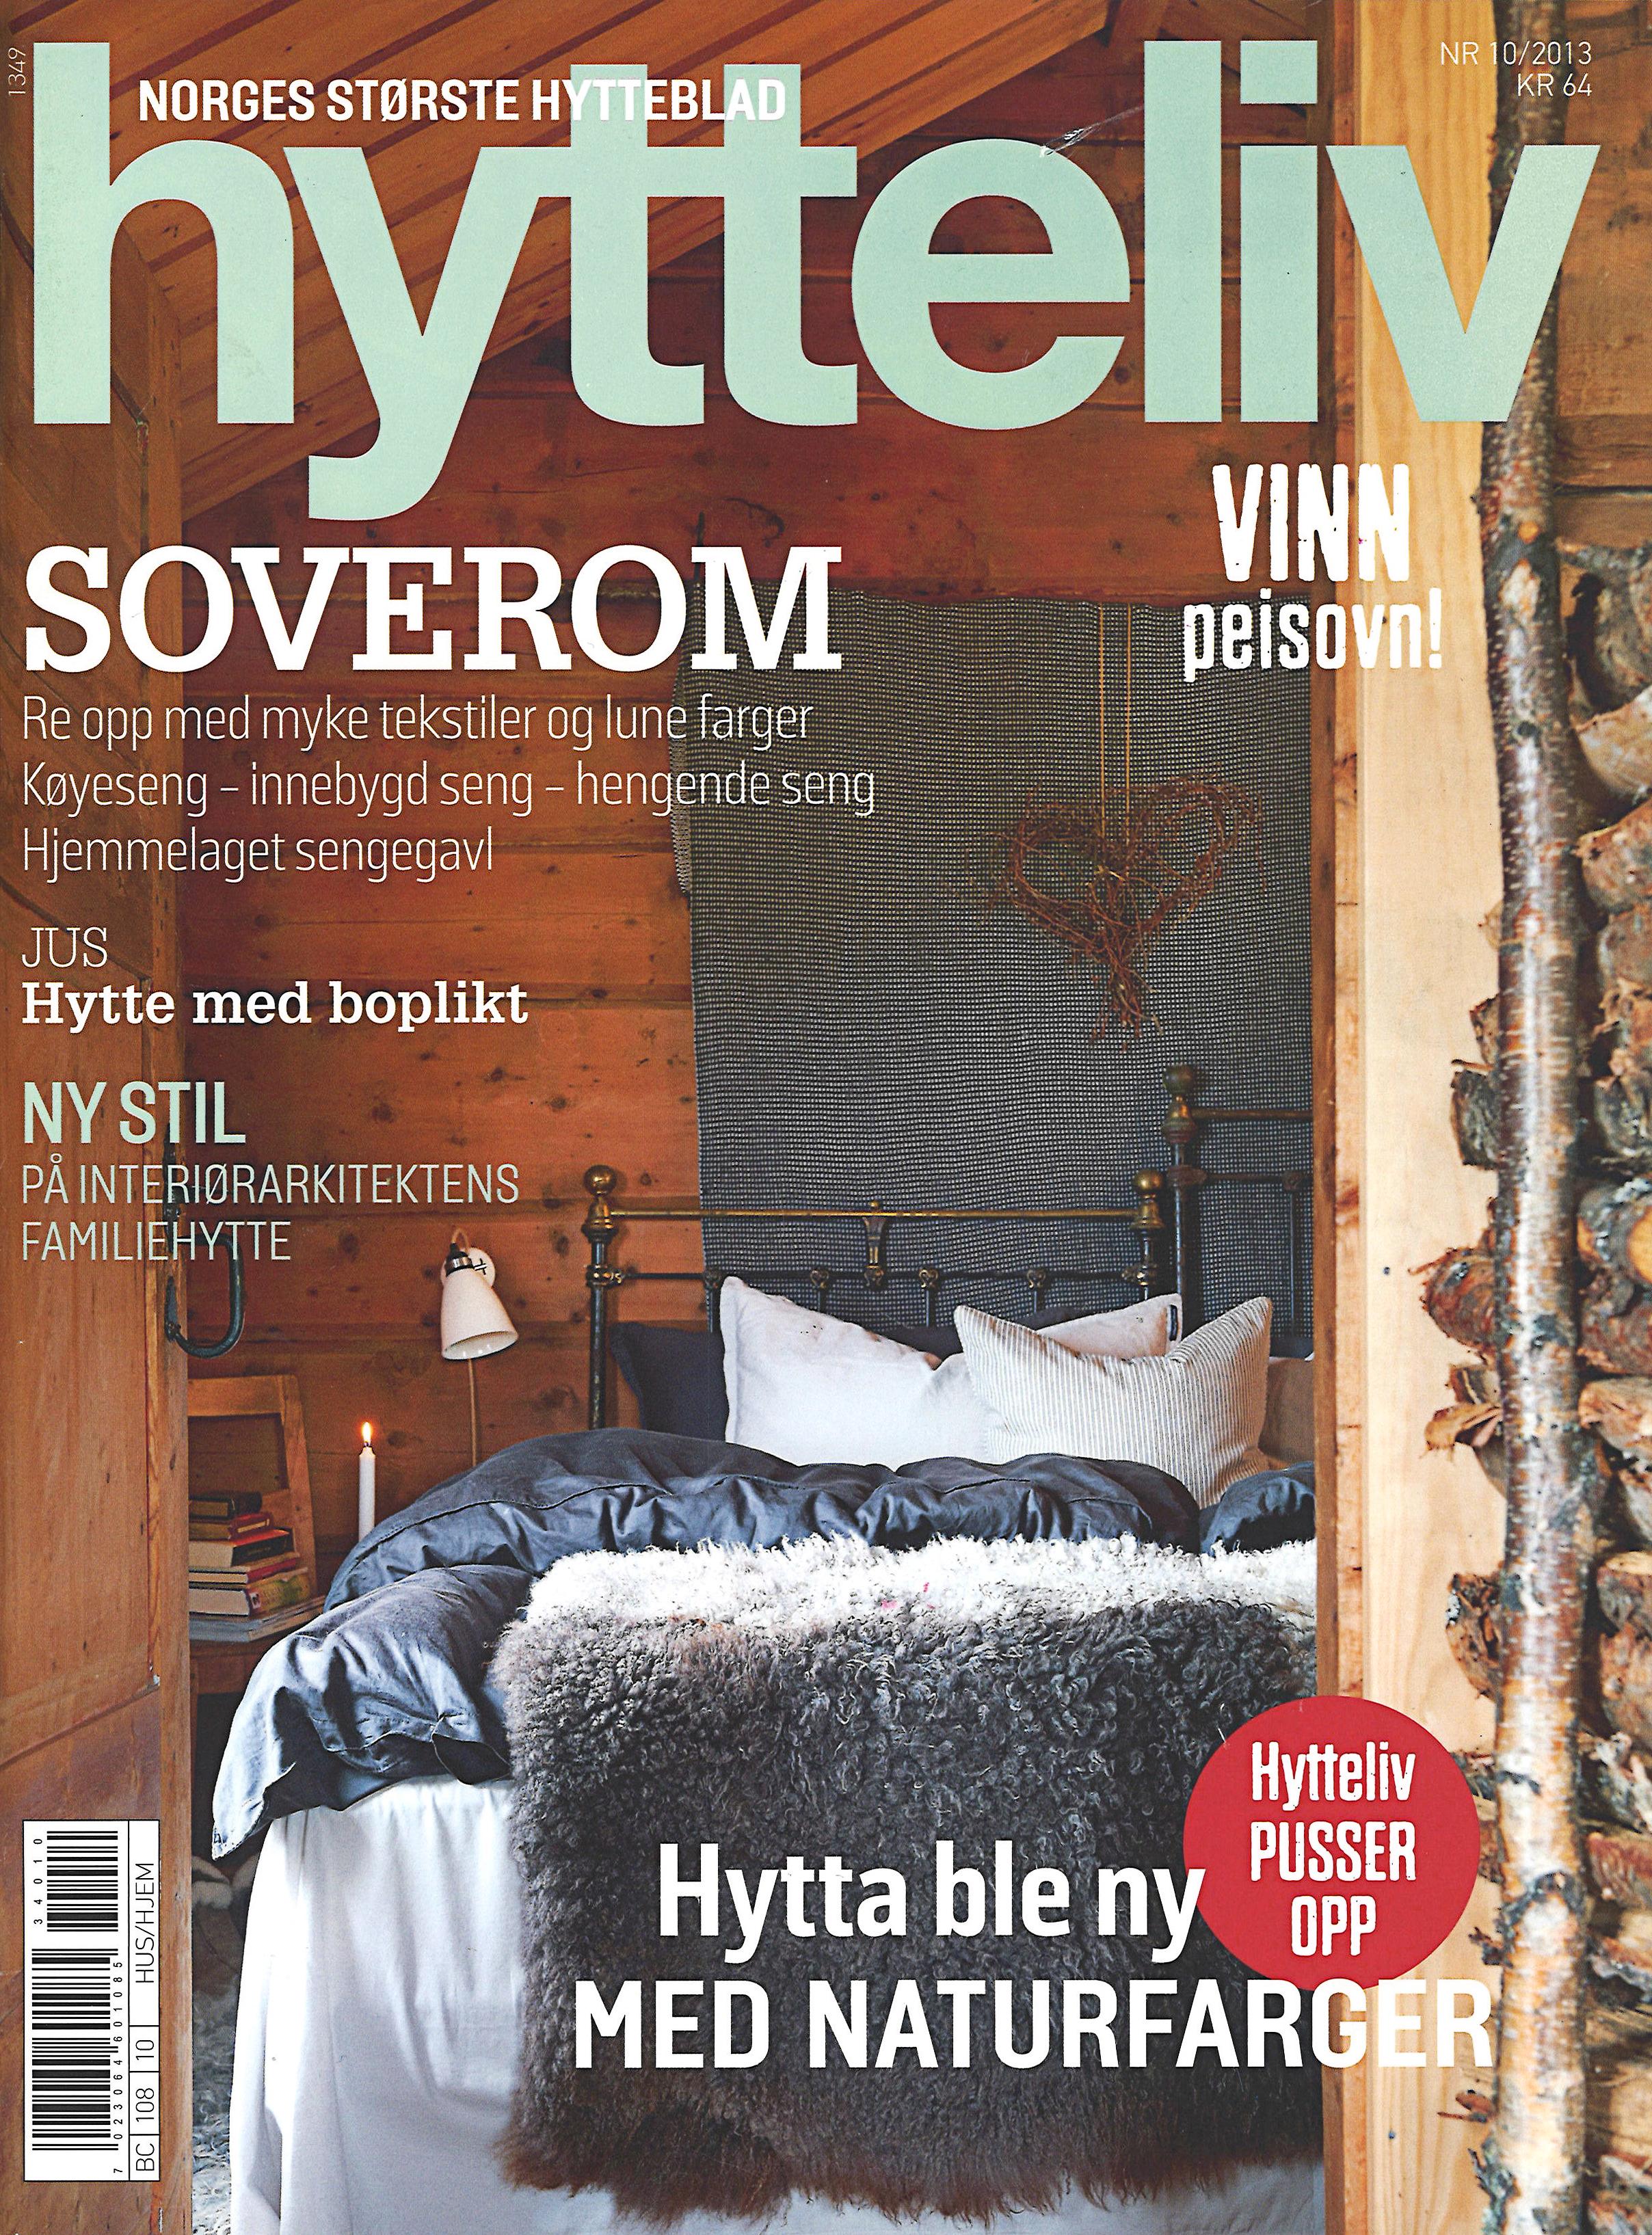 Hytteliv-Nr-10-2013-forside.jpg